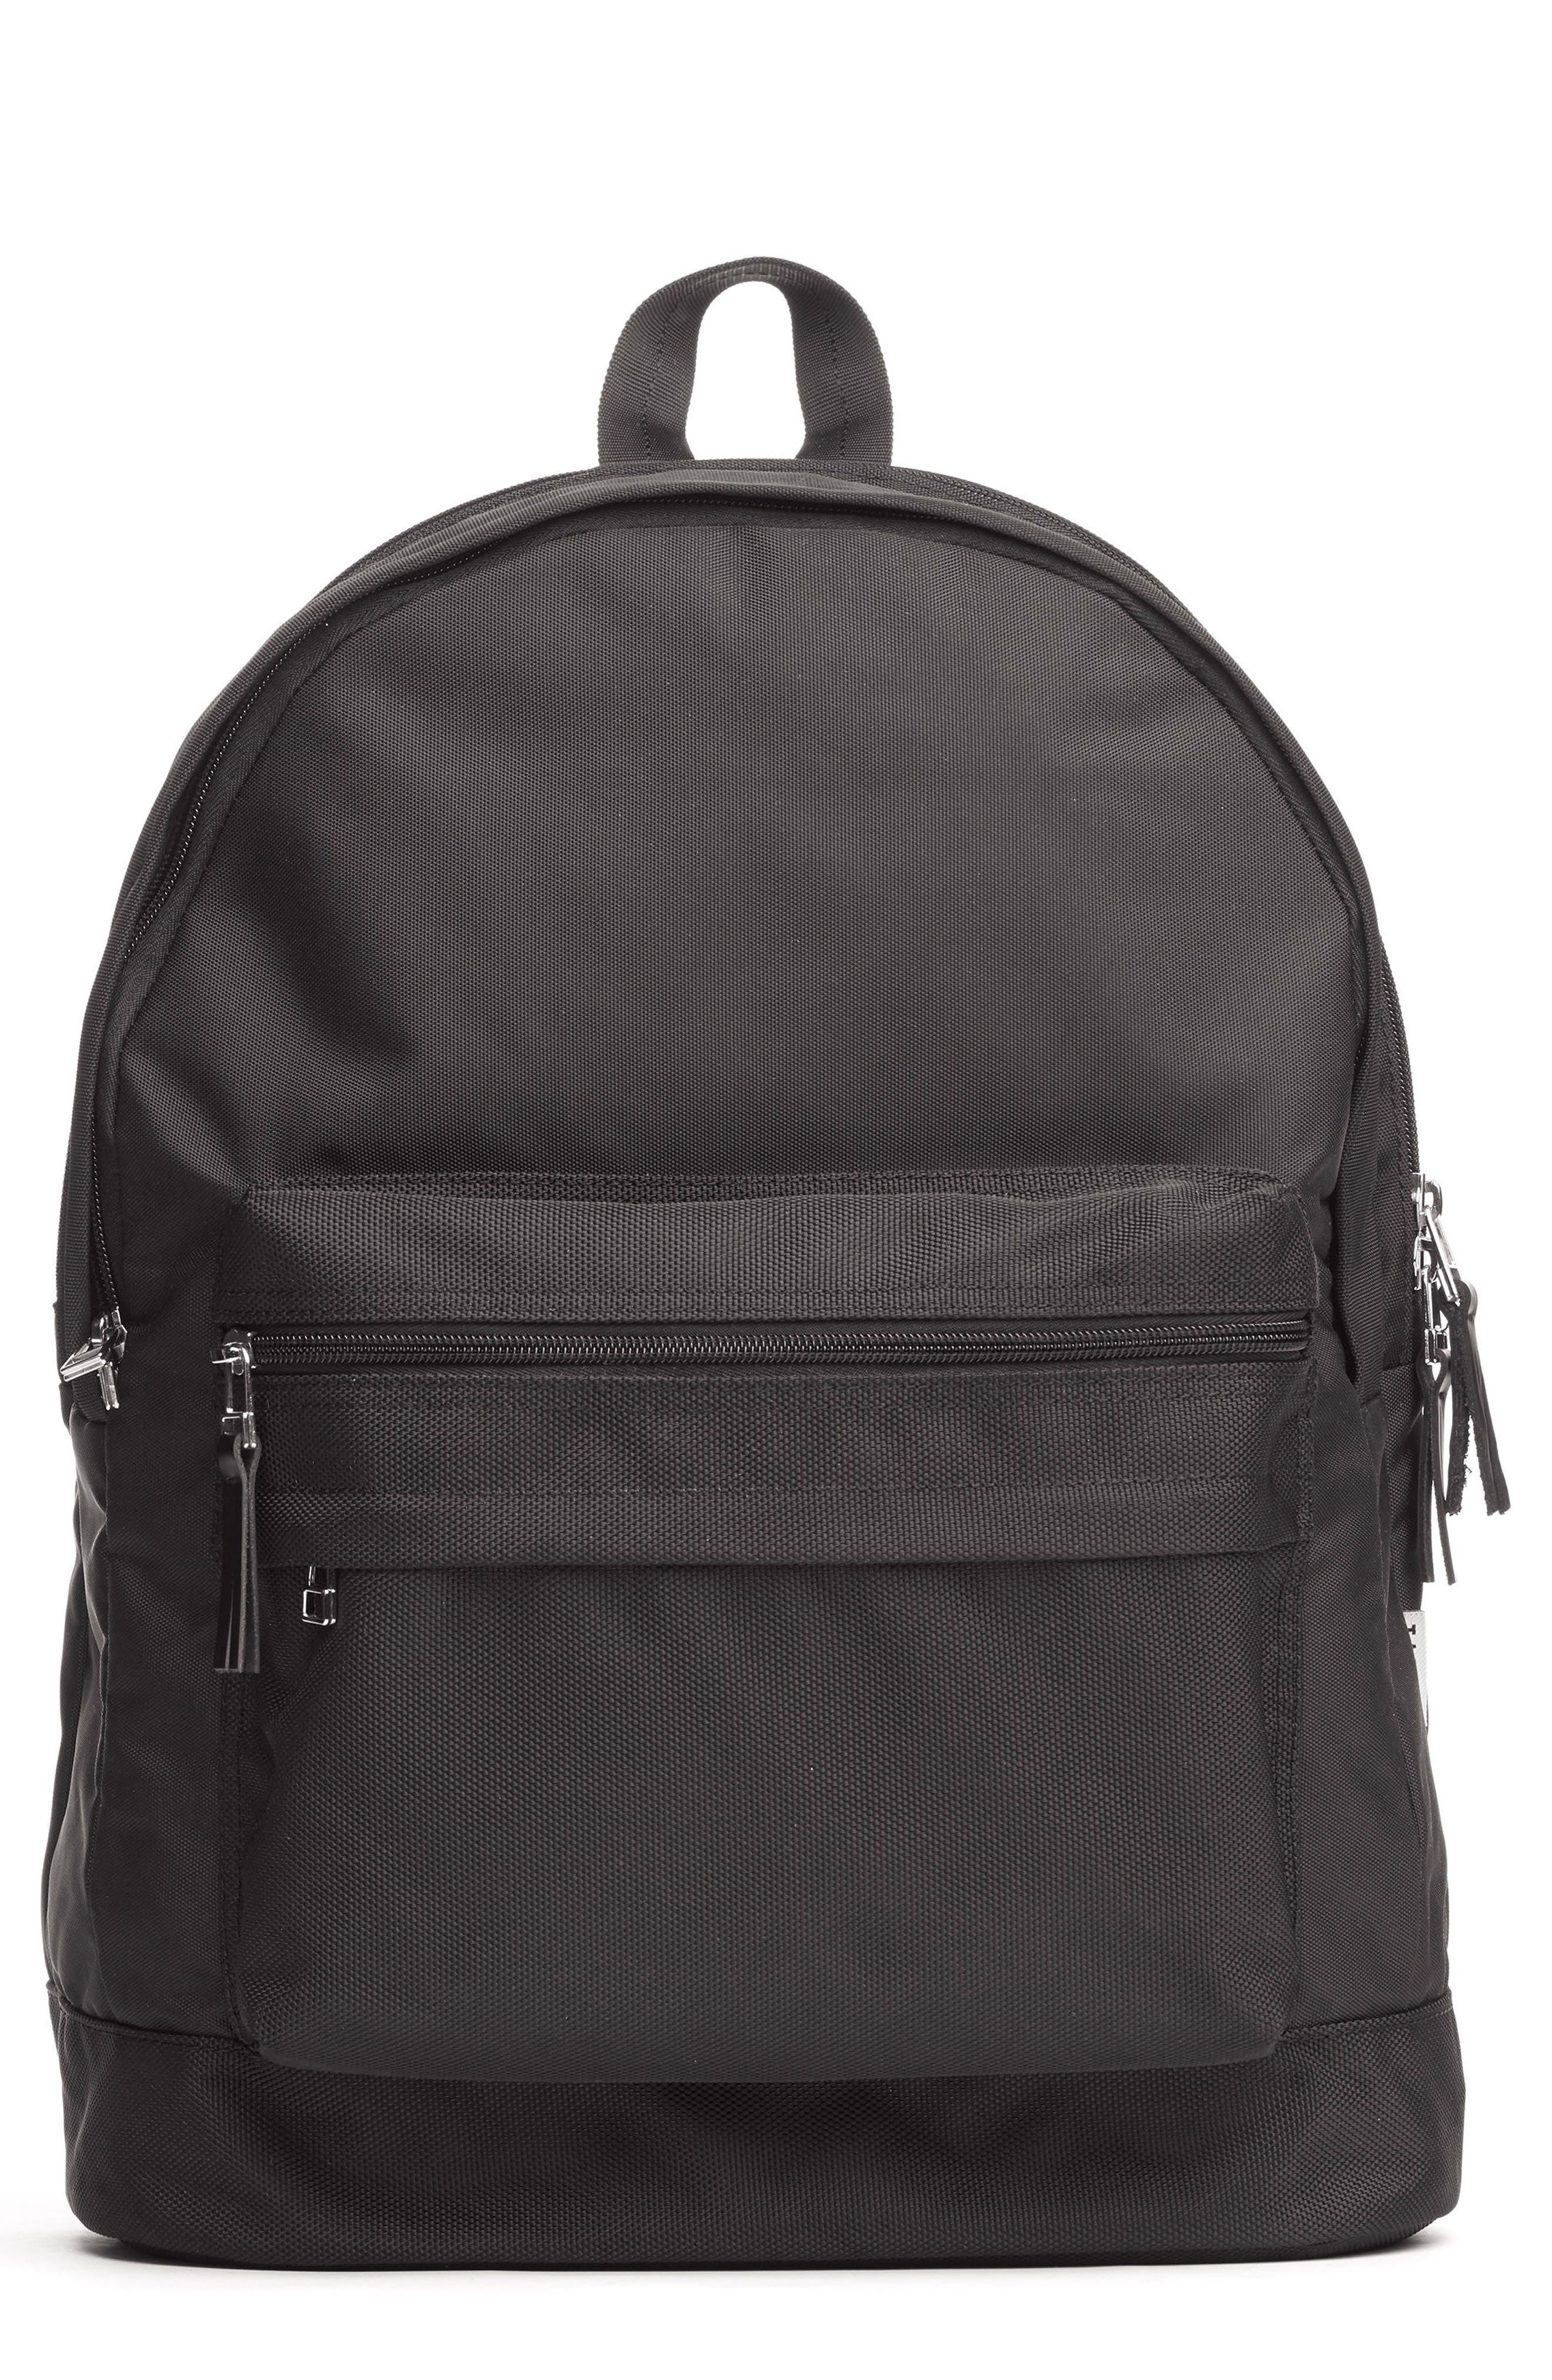 Lancer Backpack,                             Main thumbnail 1, color,                             MATTE BLACK